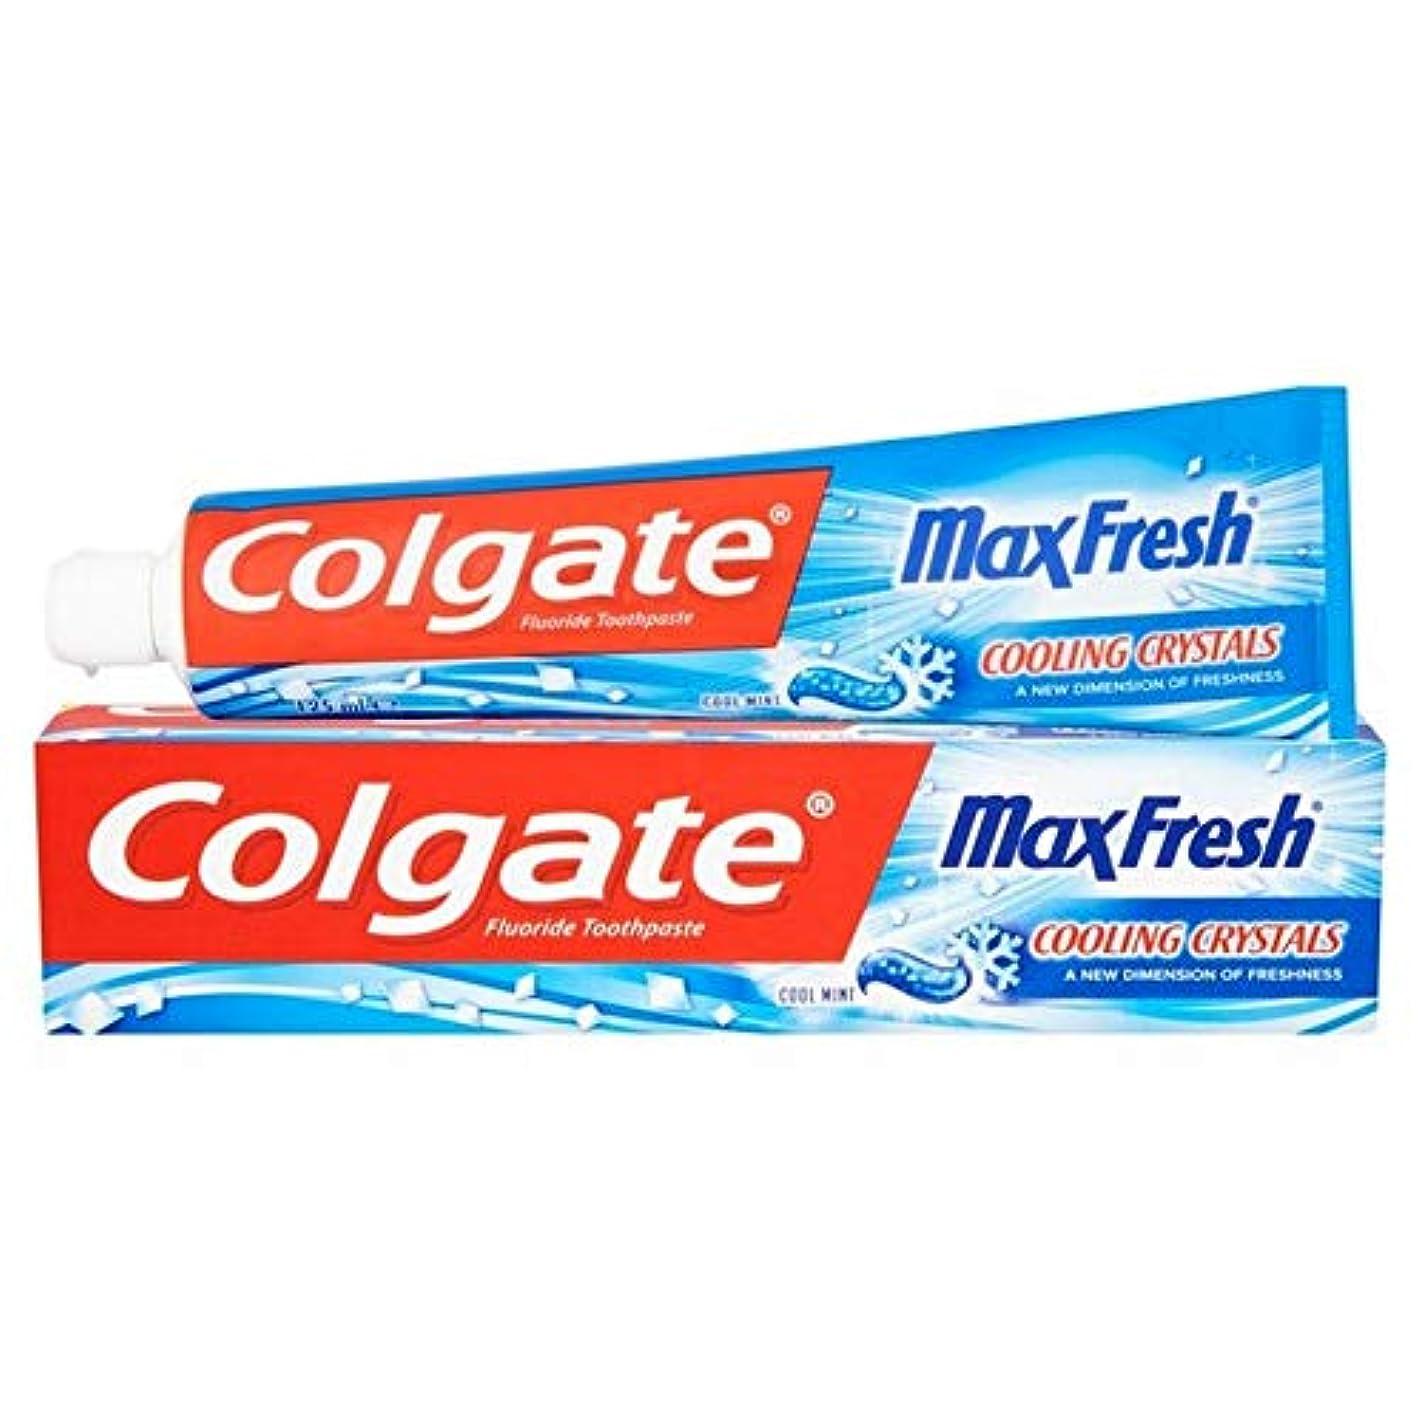 喜ぶジョージスティーブンソンこどもの宮殿[Colgate ] 冷却結晶歯磨き粉の125ミリリットル新鮮なコルゲートマックス - Colgate Max Fresh with Cooling Crystals Toothpaste 125ml [並行輸入品]